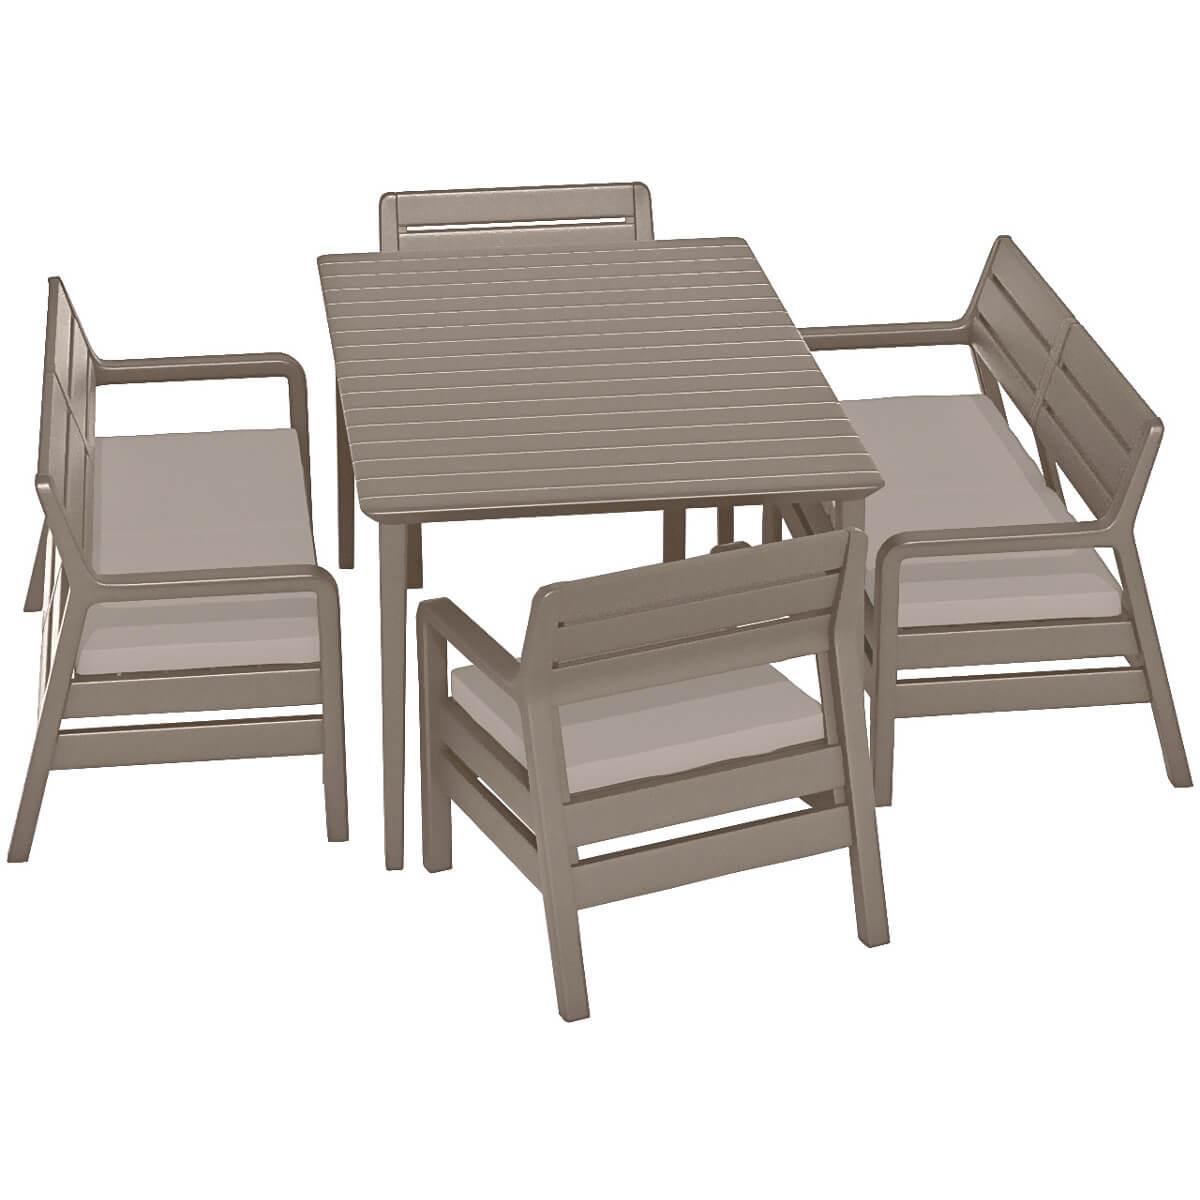 Комплект мебели Allibert Delano 17201088